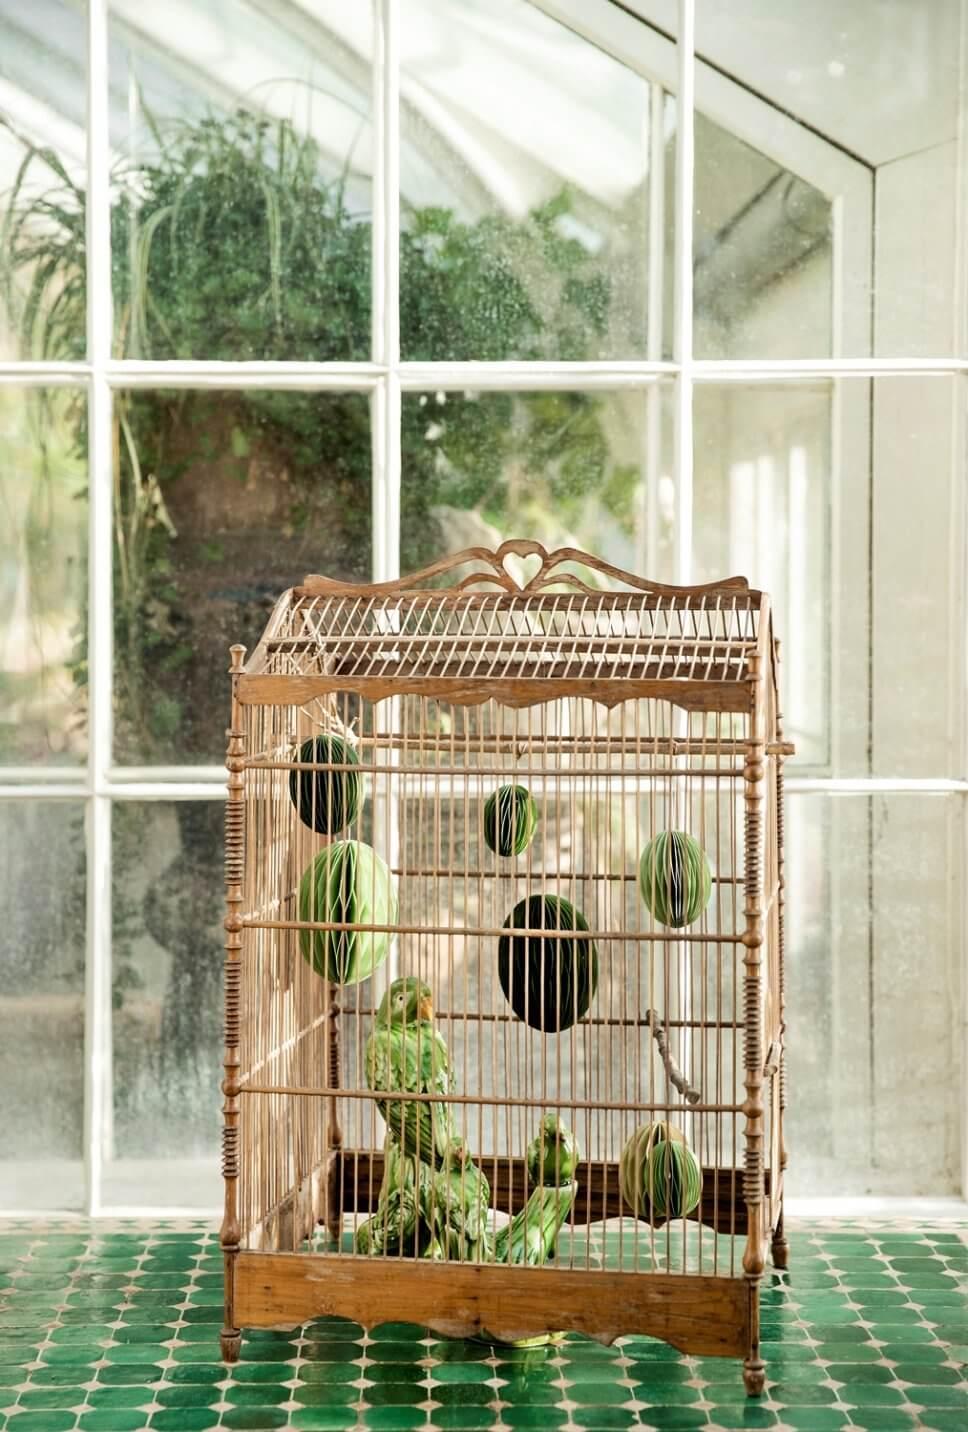 Honeycomb-Ostereier hängen in einem Vogelkäfig aus Holz